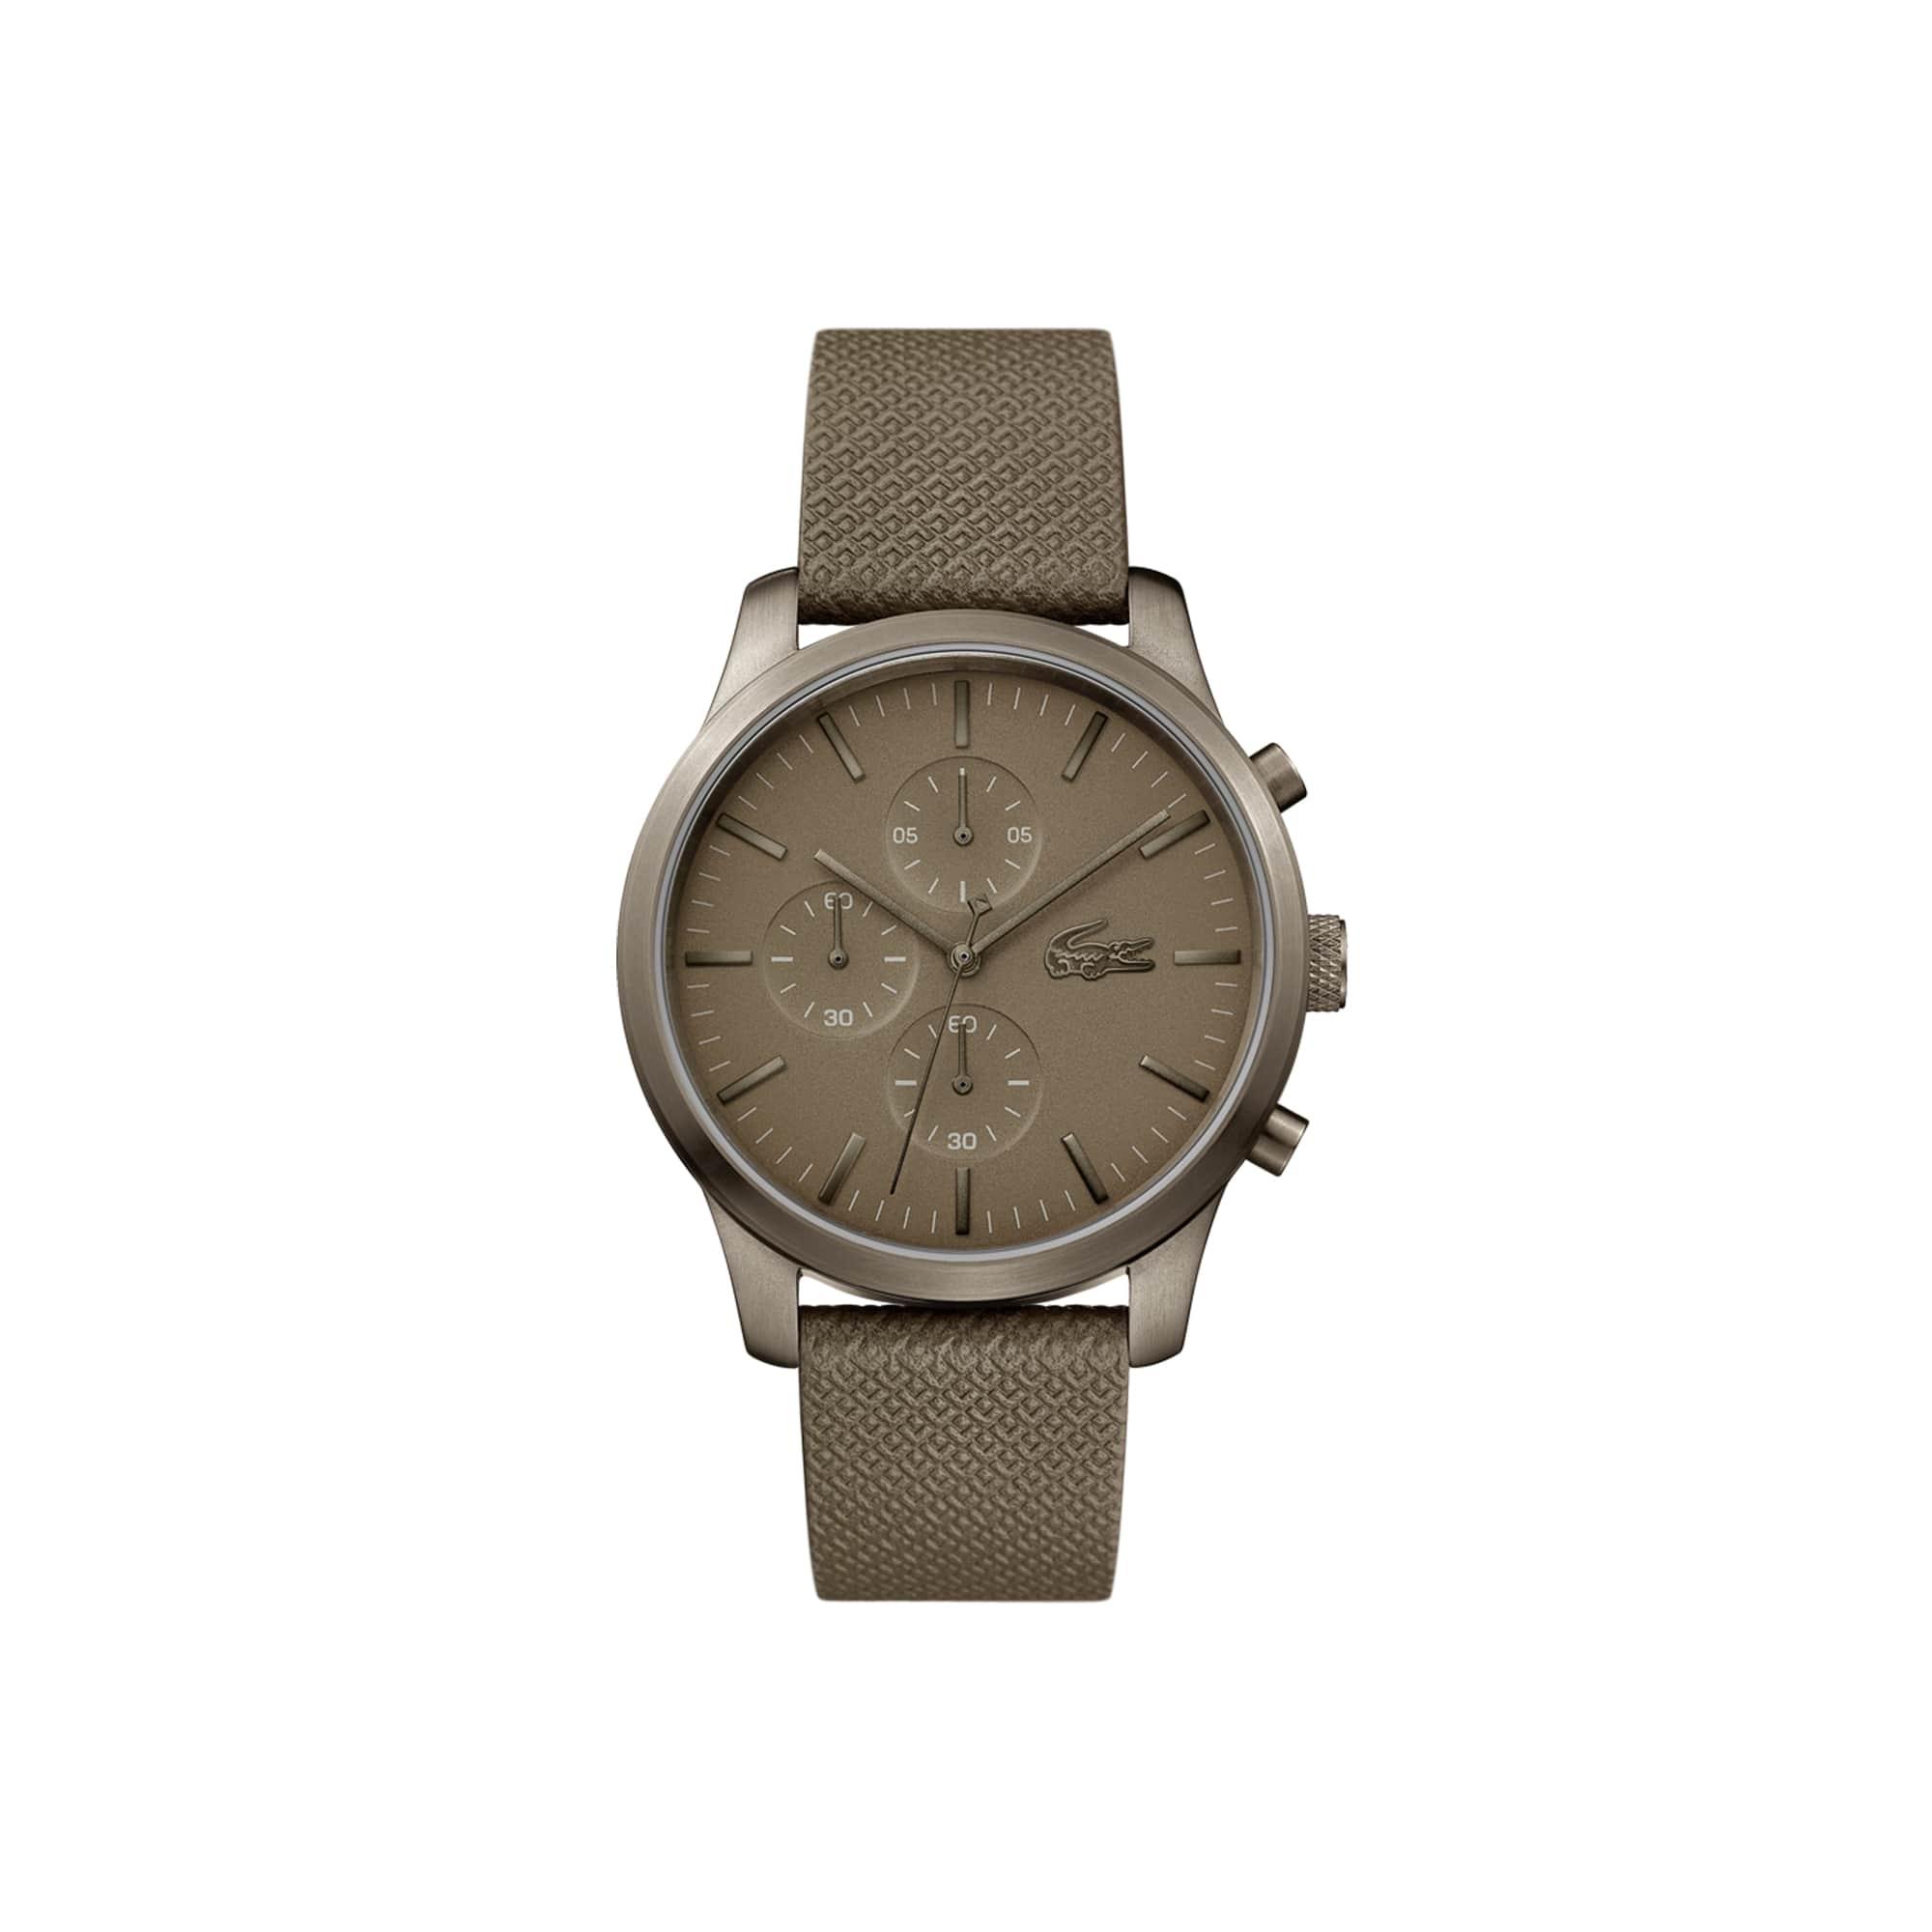 Relógio cronógrafo Lacoste 12.12 de homem do 85º aniversário com uma bracelete de pele gravada com Petit Piqué em caqui